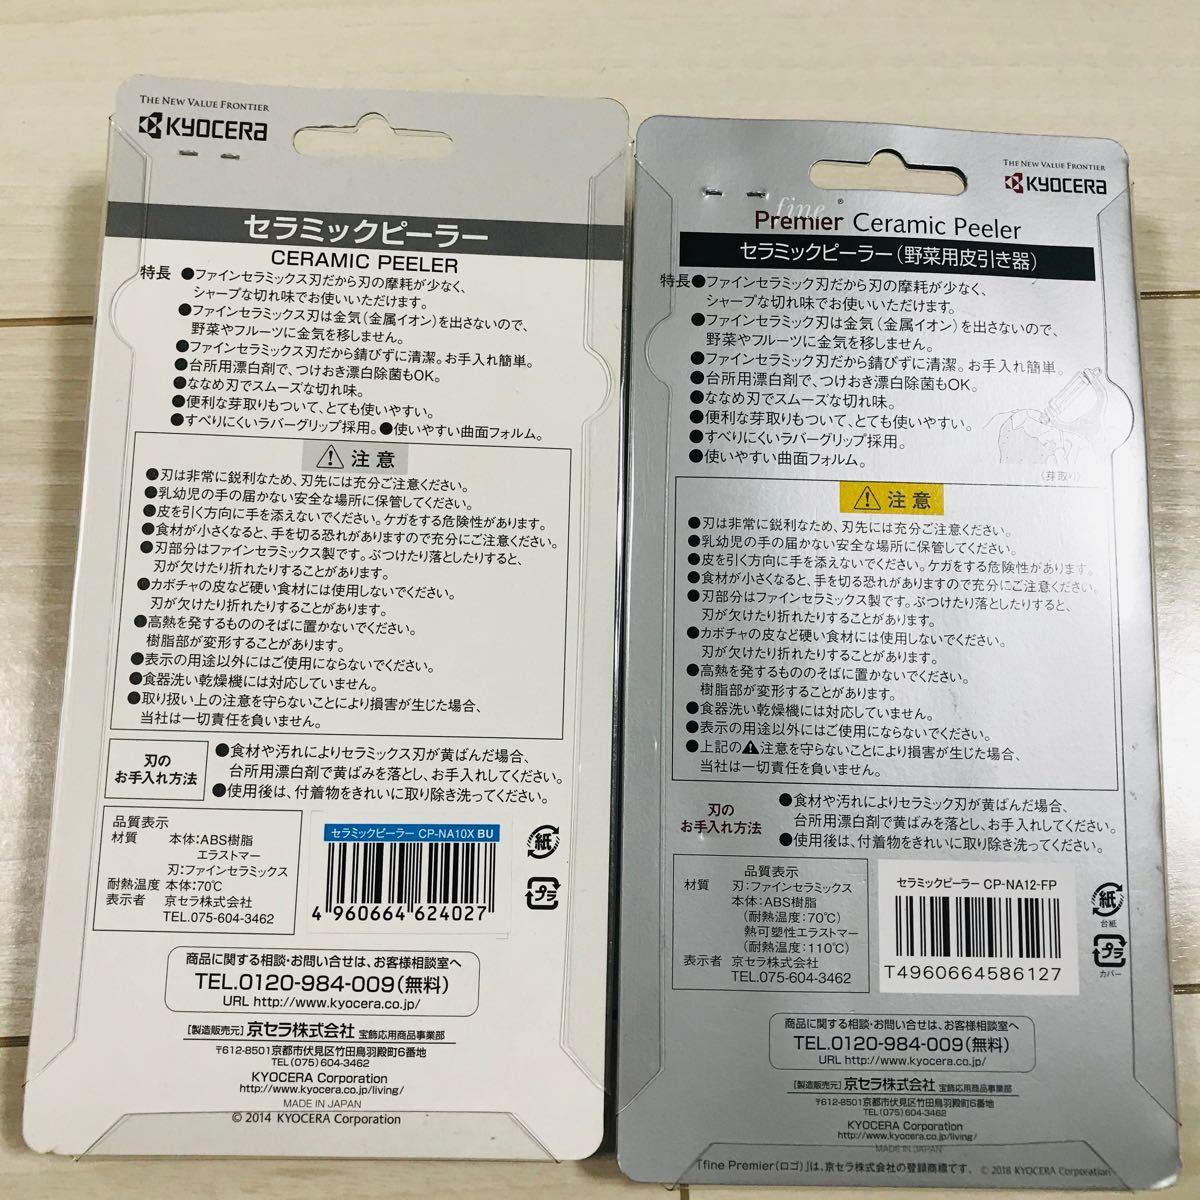 京セラ CP-NA10X-BU セラミックピーラー (ブルー)とブラック2個セットです